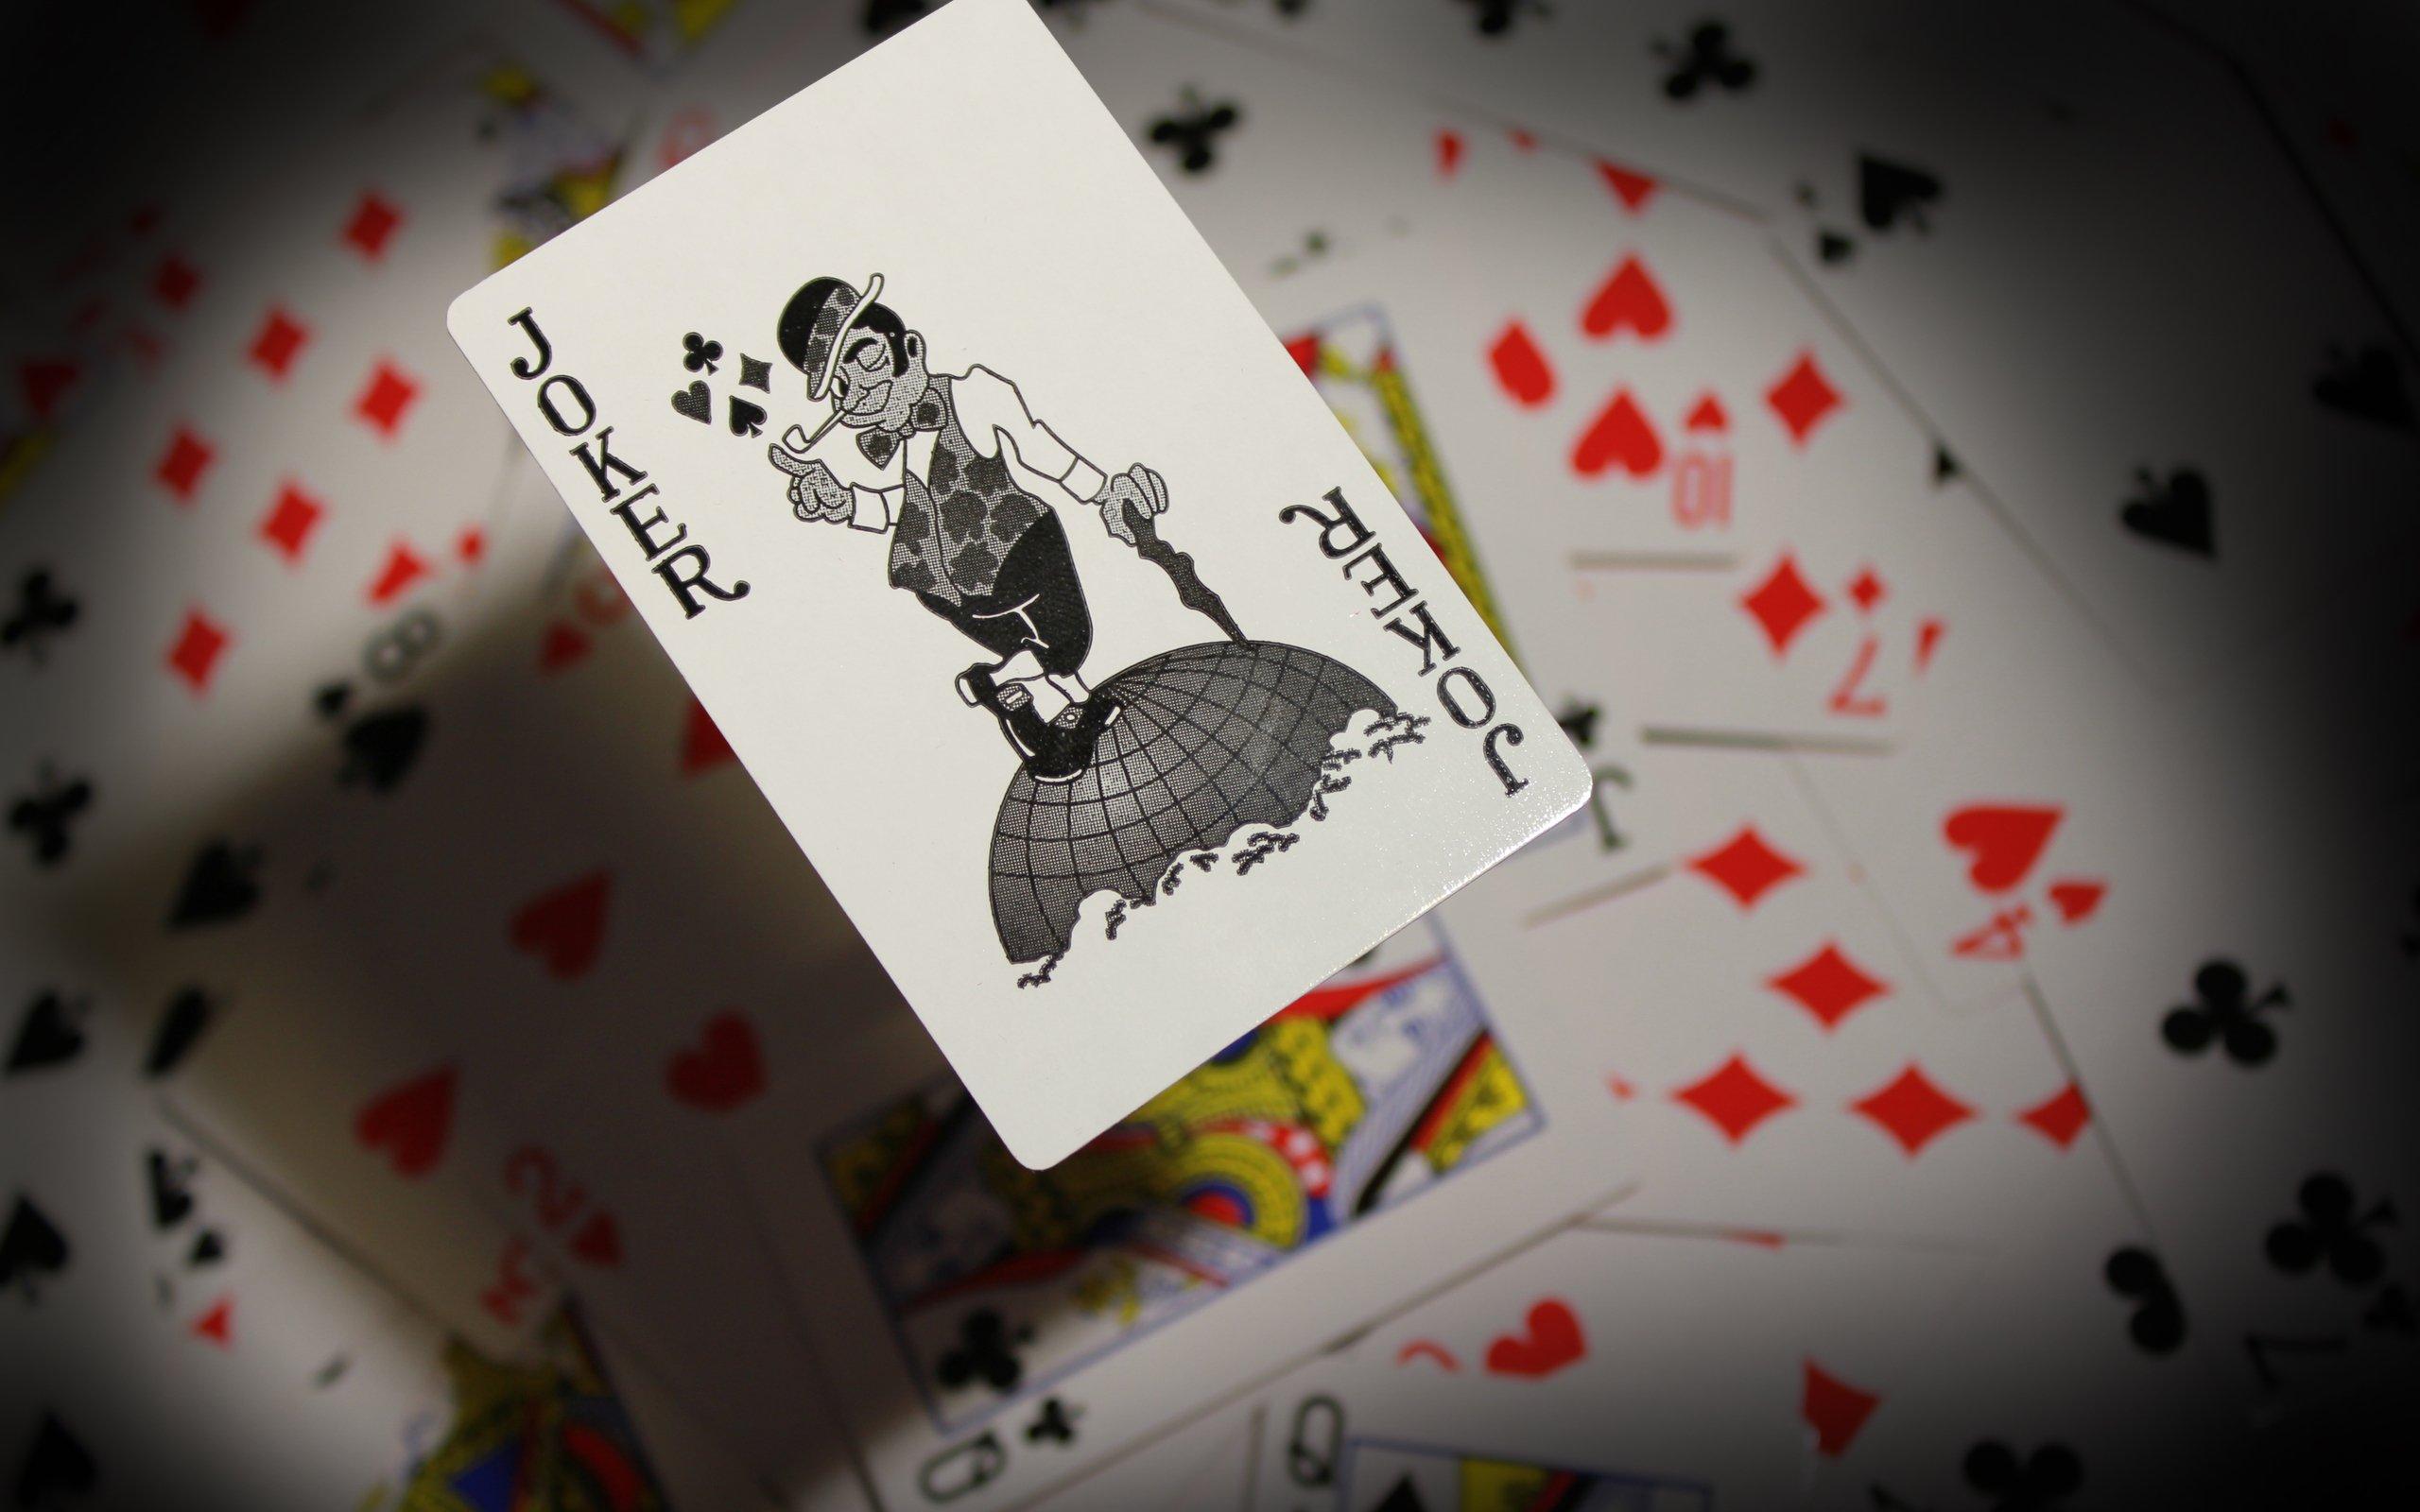 Joker playing card wallpaper 2560x1600 6991 WallpaperUP 2560x1600